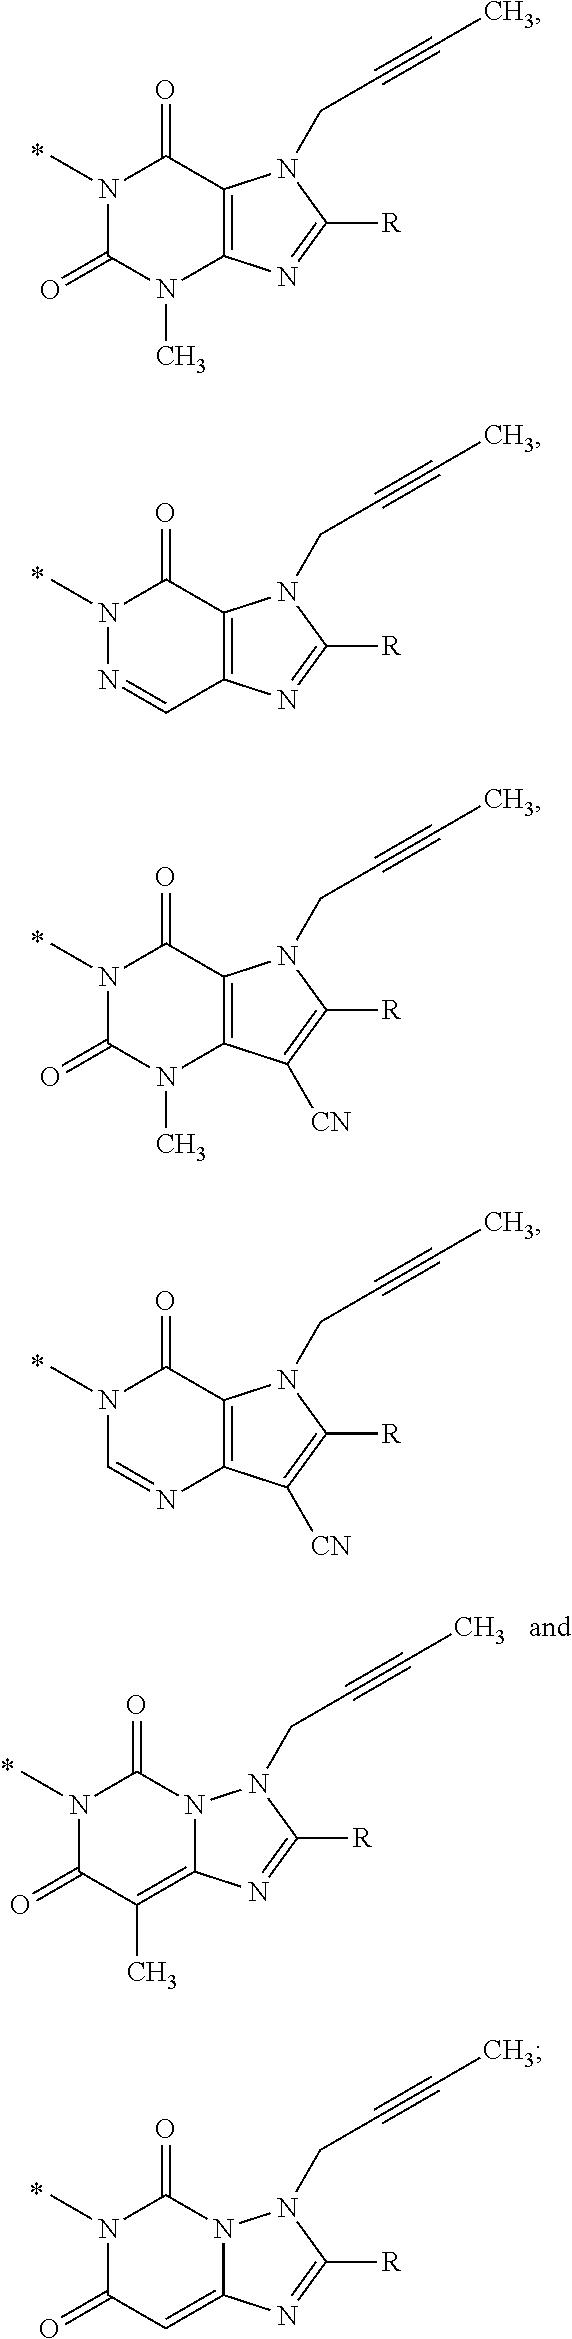 Figure US08962636-20150224-C00002